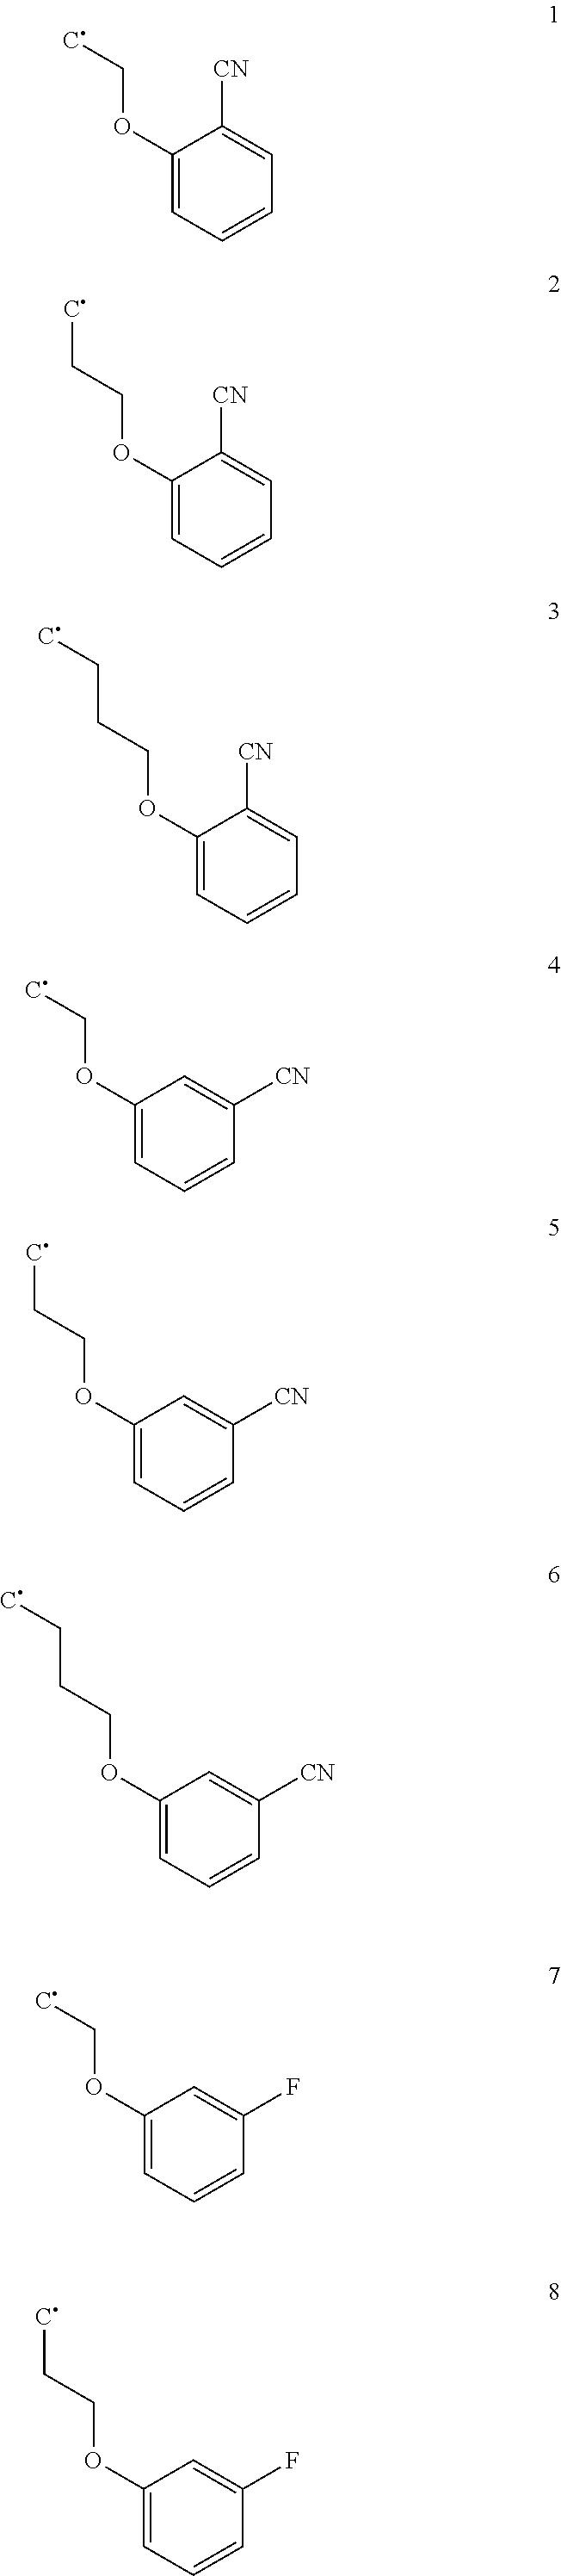 Figure US08101619-20120124-C00026